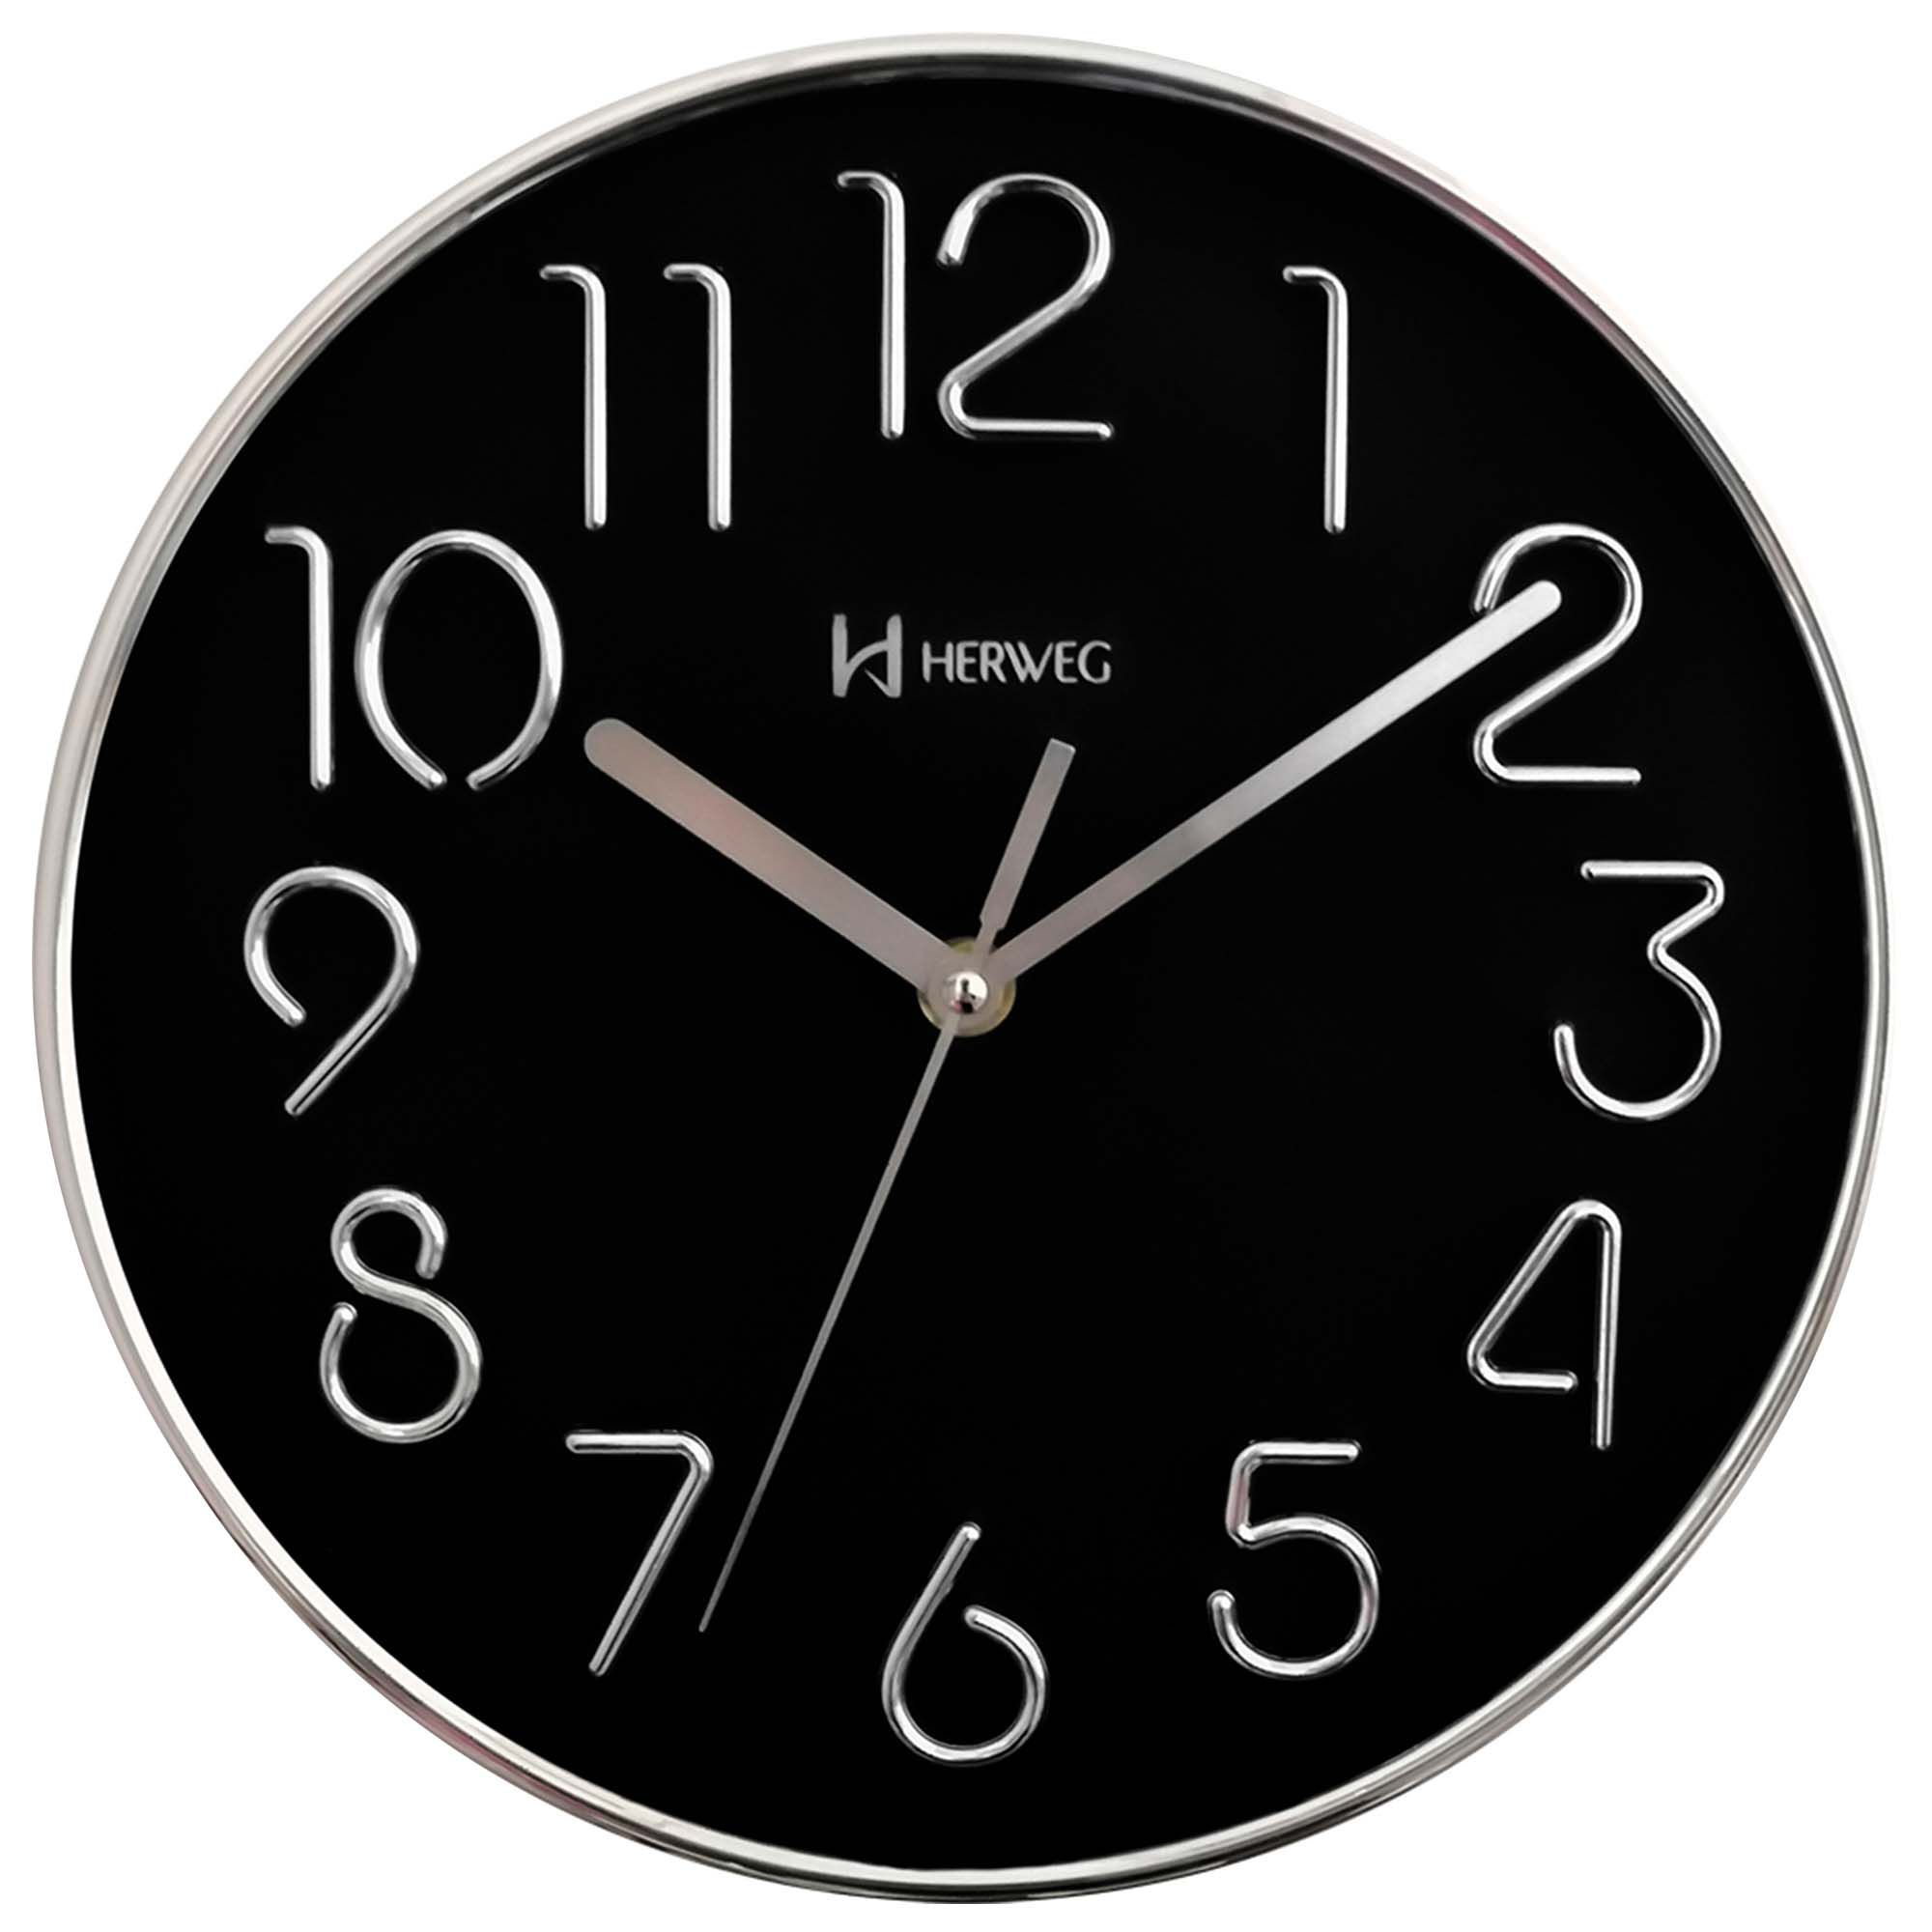 Relógio de Parede Analógico Herweg 6480 028 Cromado